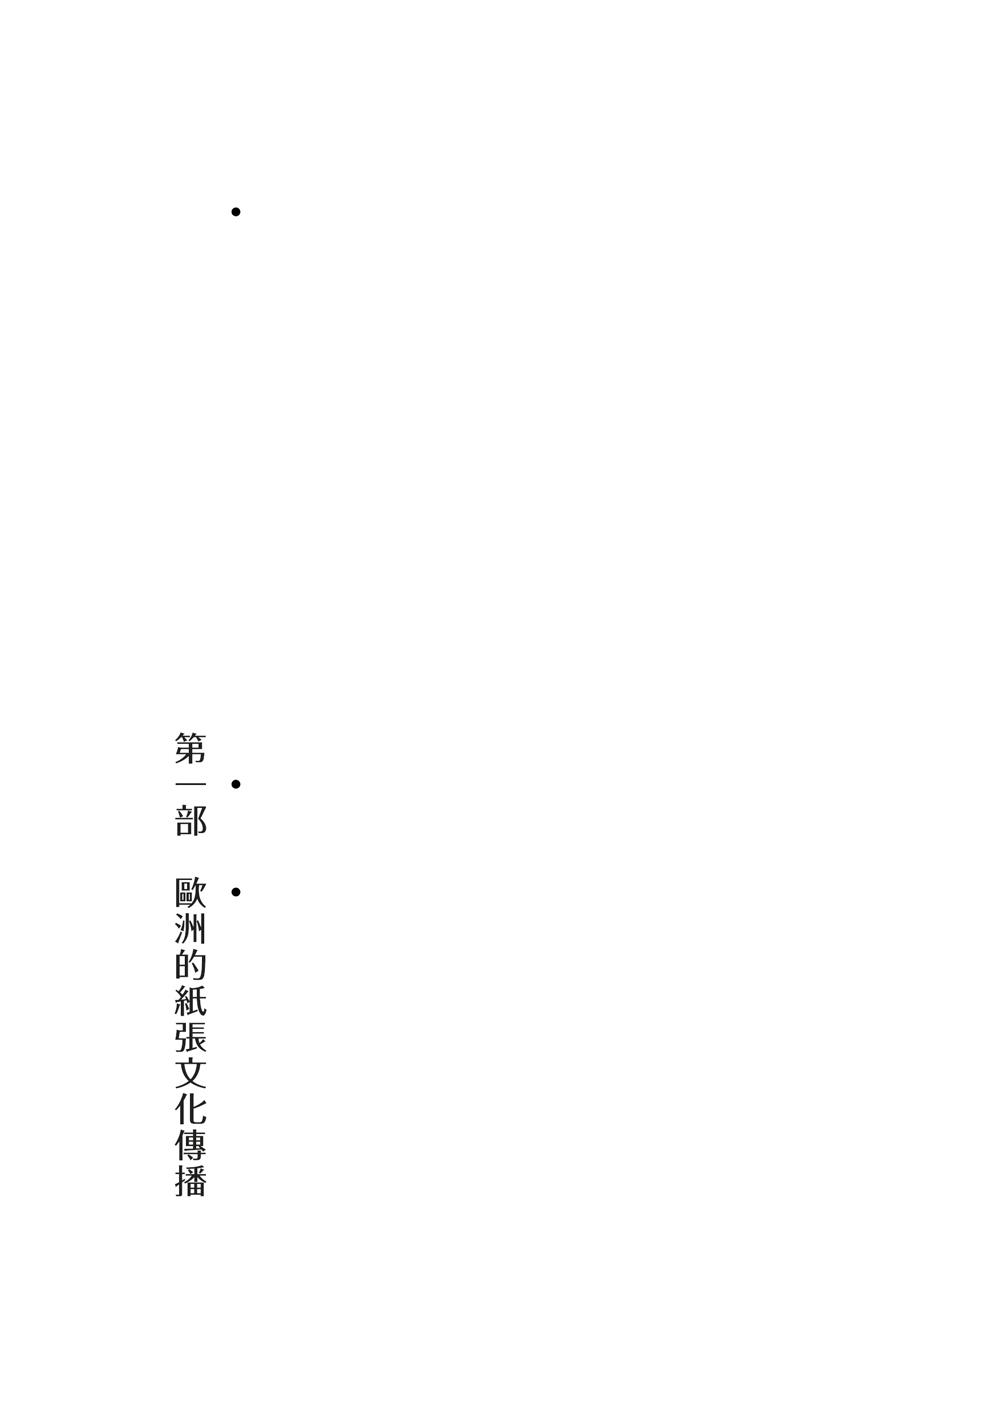 http://im2.book.com.tw/image/getImage?i=http://www.books.com.tw/img/001/076/42/0010764237_b_01.jpg&v=59a94512&w=655&h=609